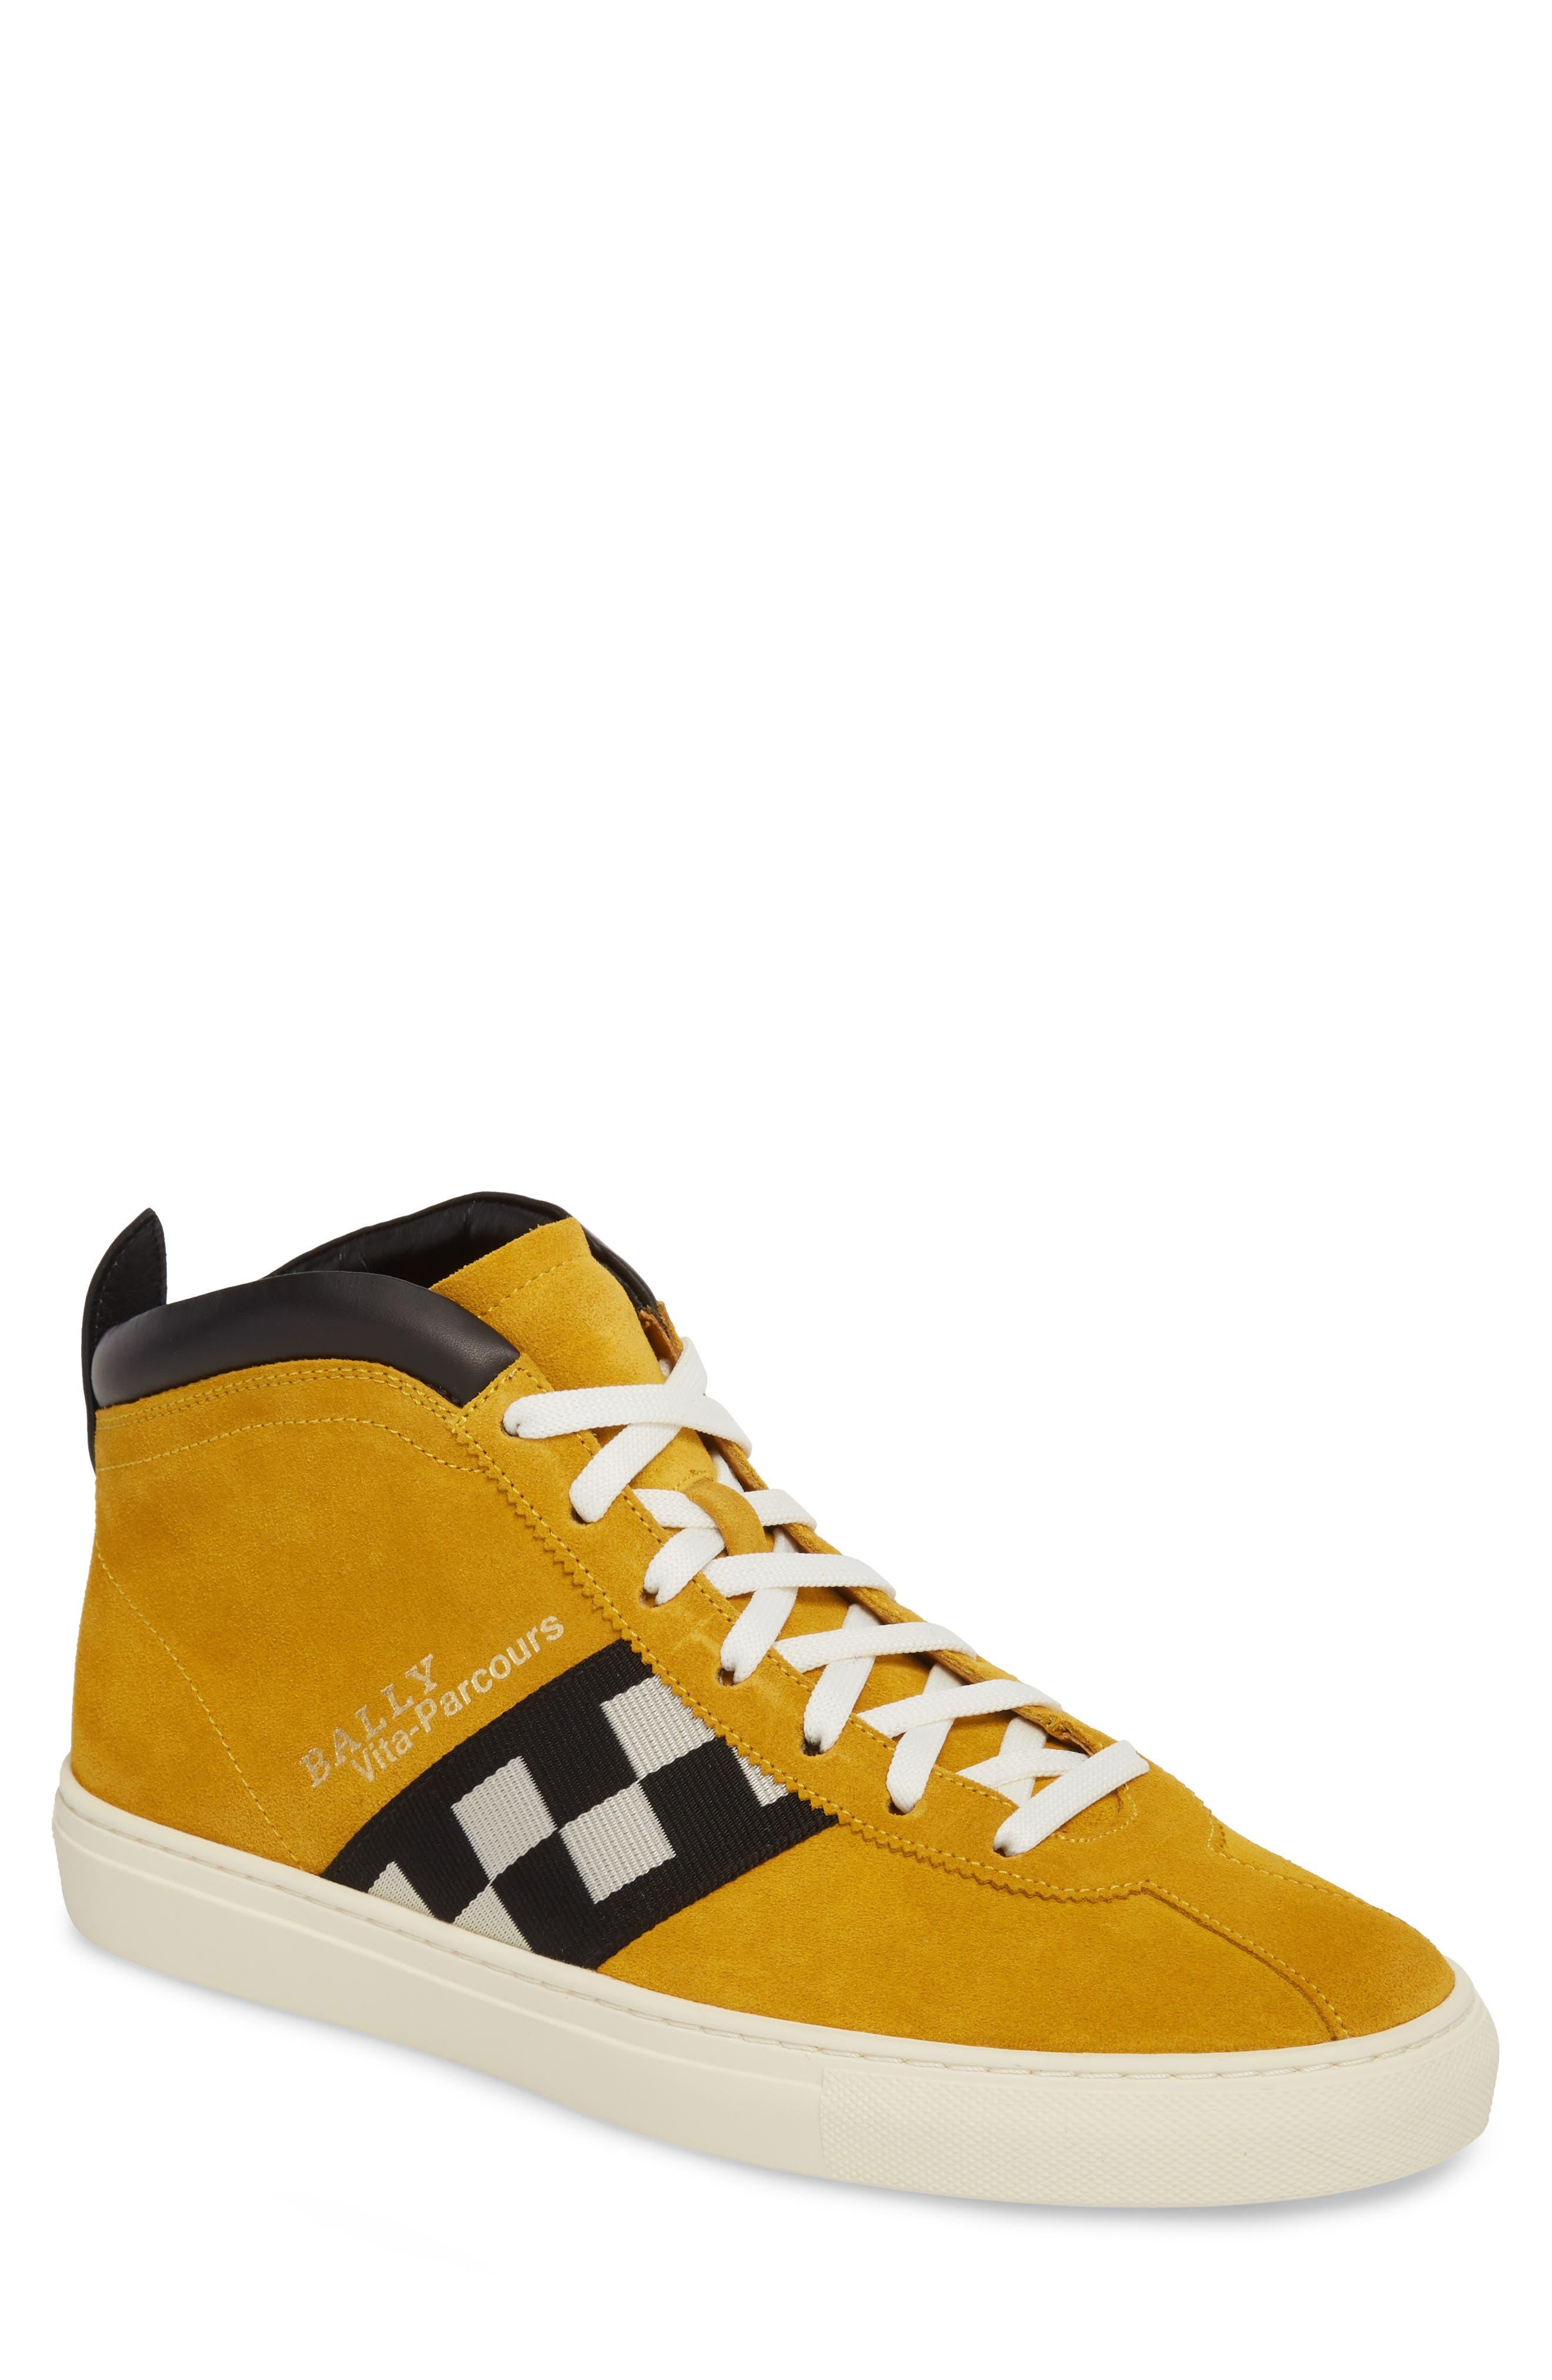 Main Image - Bally Vita Checkered High Top Sneaker (Men)